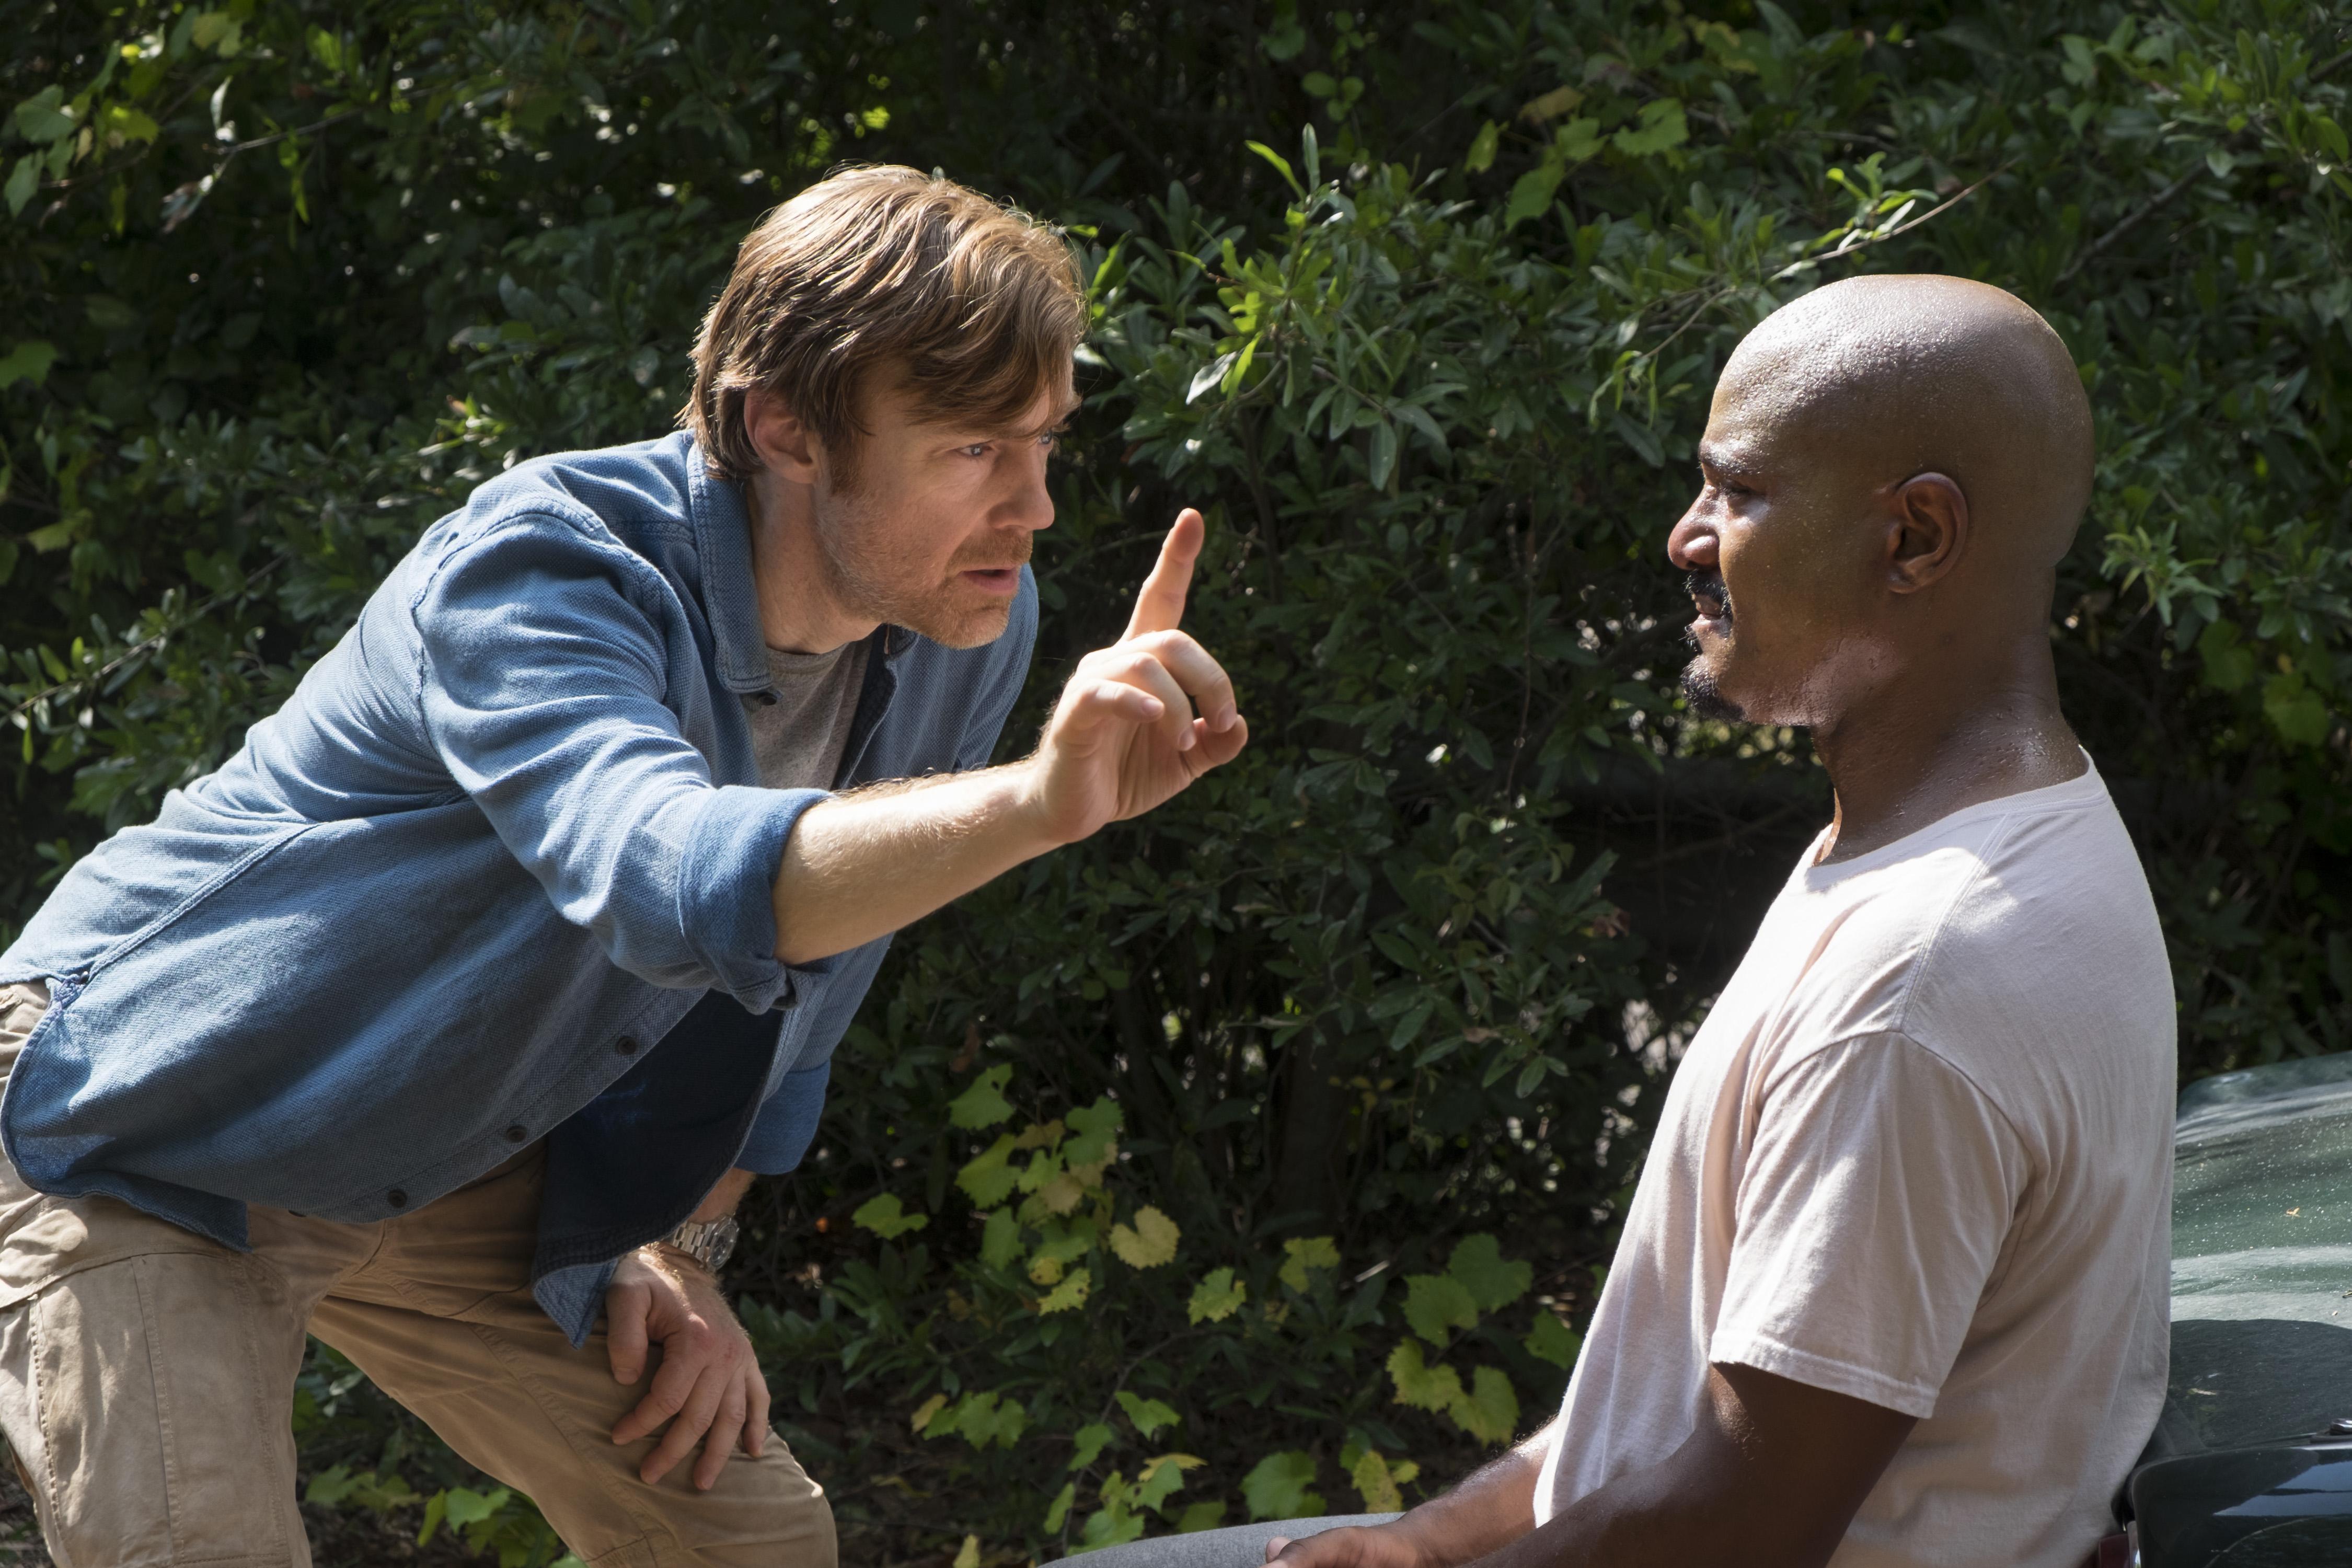 Le père Gabriel Stokes (Seth Gilliam) et le docteur Harlan Carson (R. Keith Harris) ne voient pas les choses de la même façon - The Walking Dead - Saison 8, Épisode 11 - Crédit Photo: Gene Page/AMC